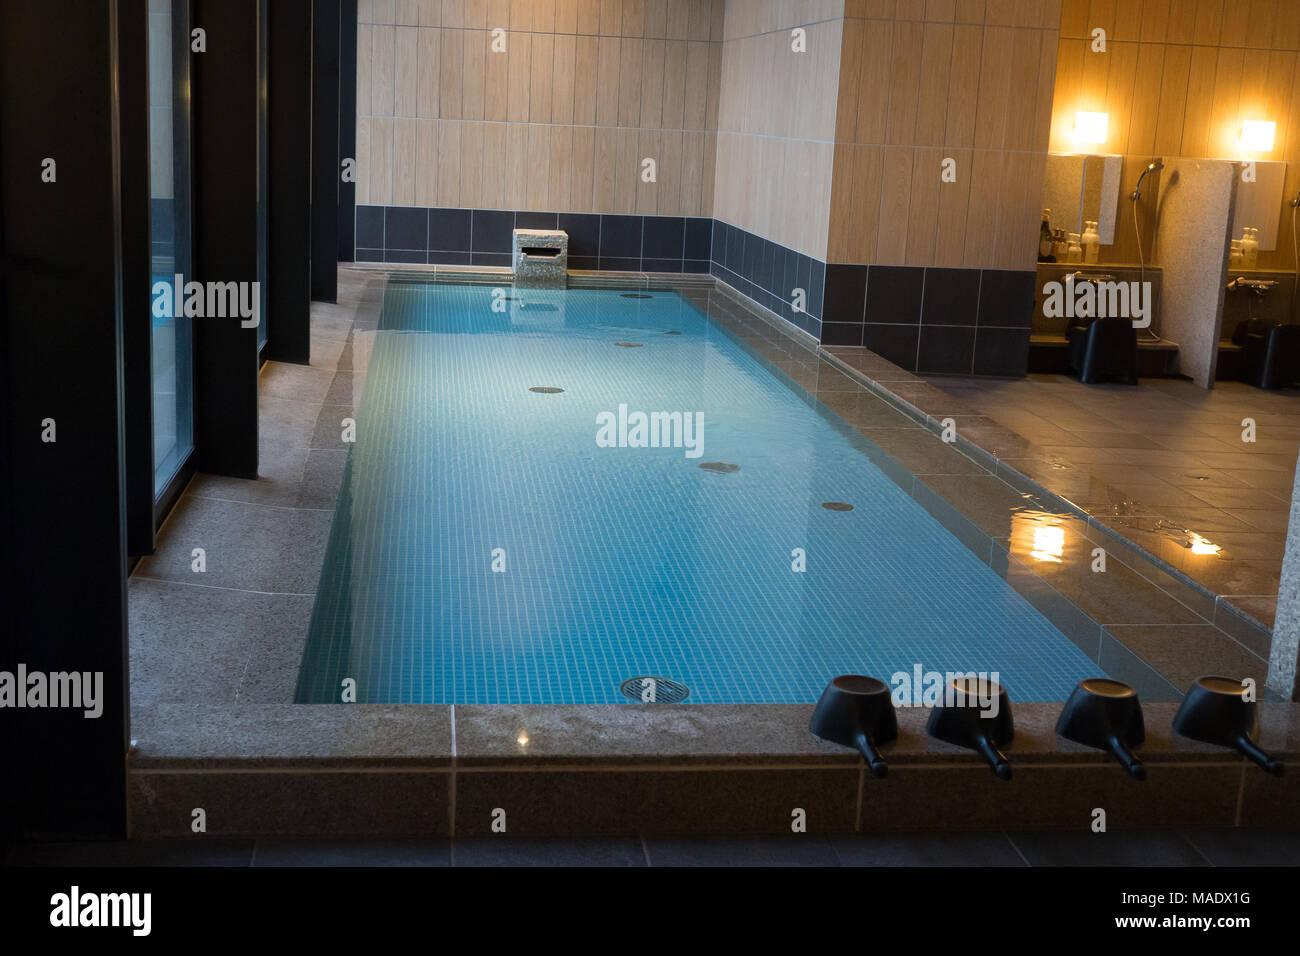 Japan Bathroom Stock Photos & Japan Bathroom Stock Images - Alamy